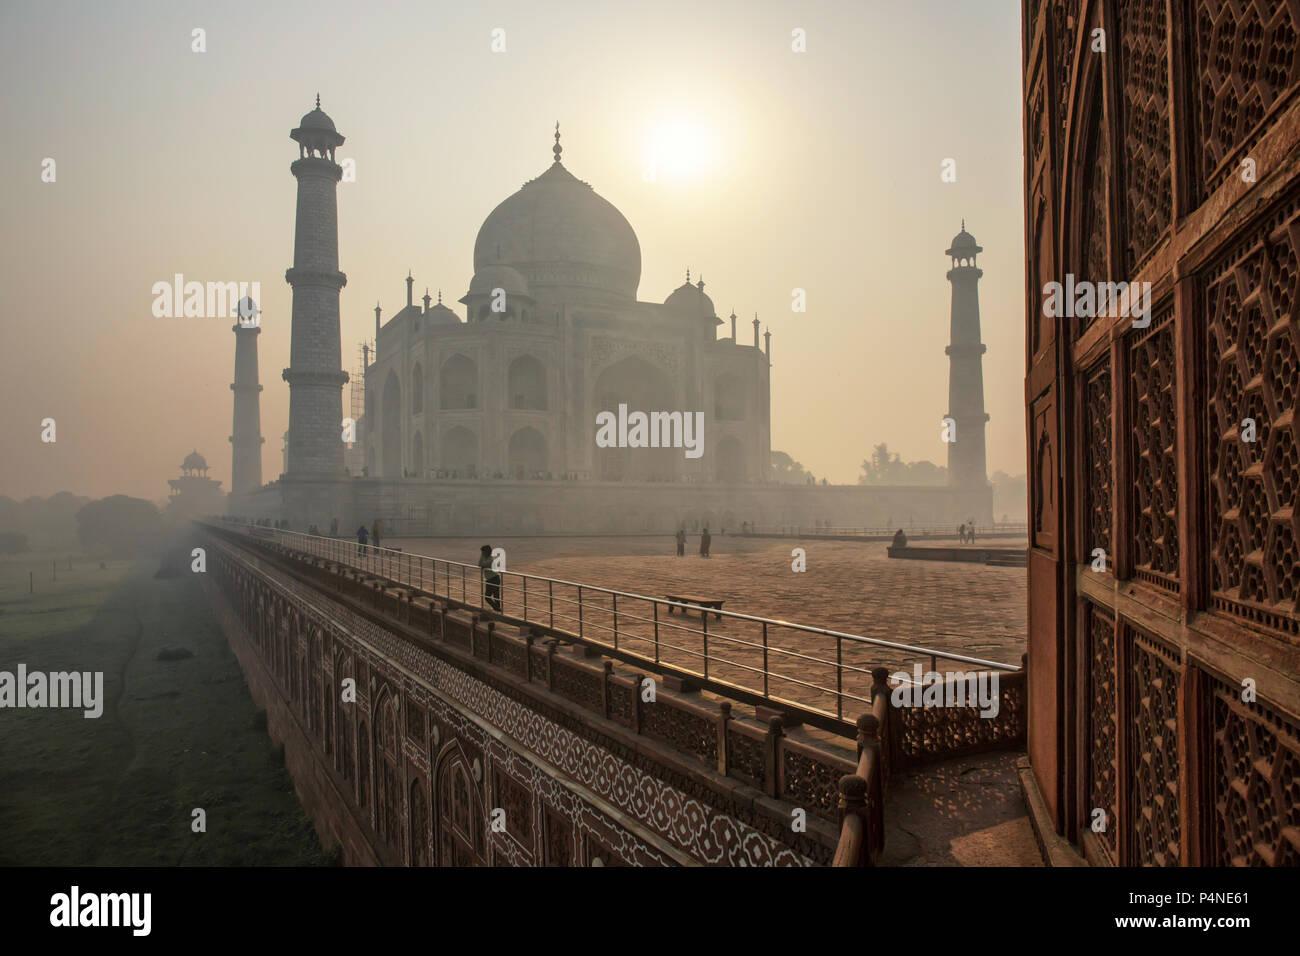 The beautiful Taj Mahal in the morning, Agra - India - Stock Image